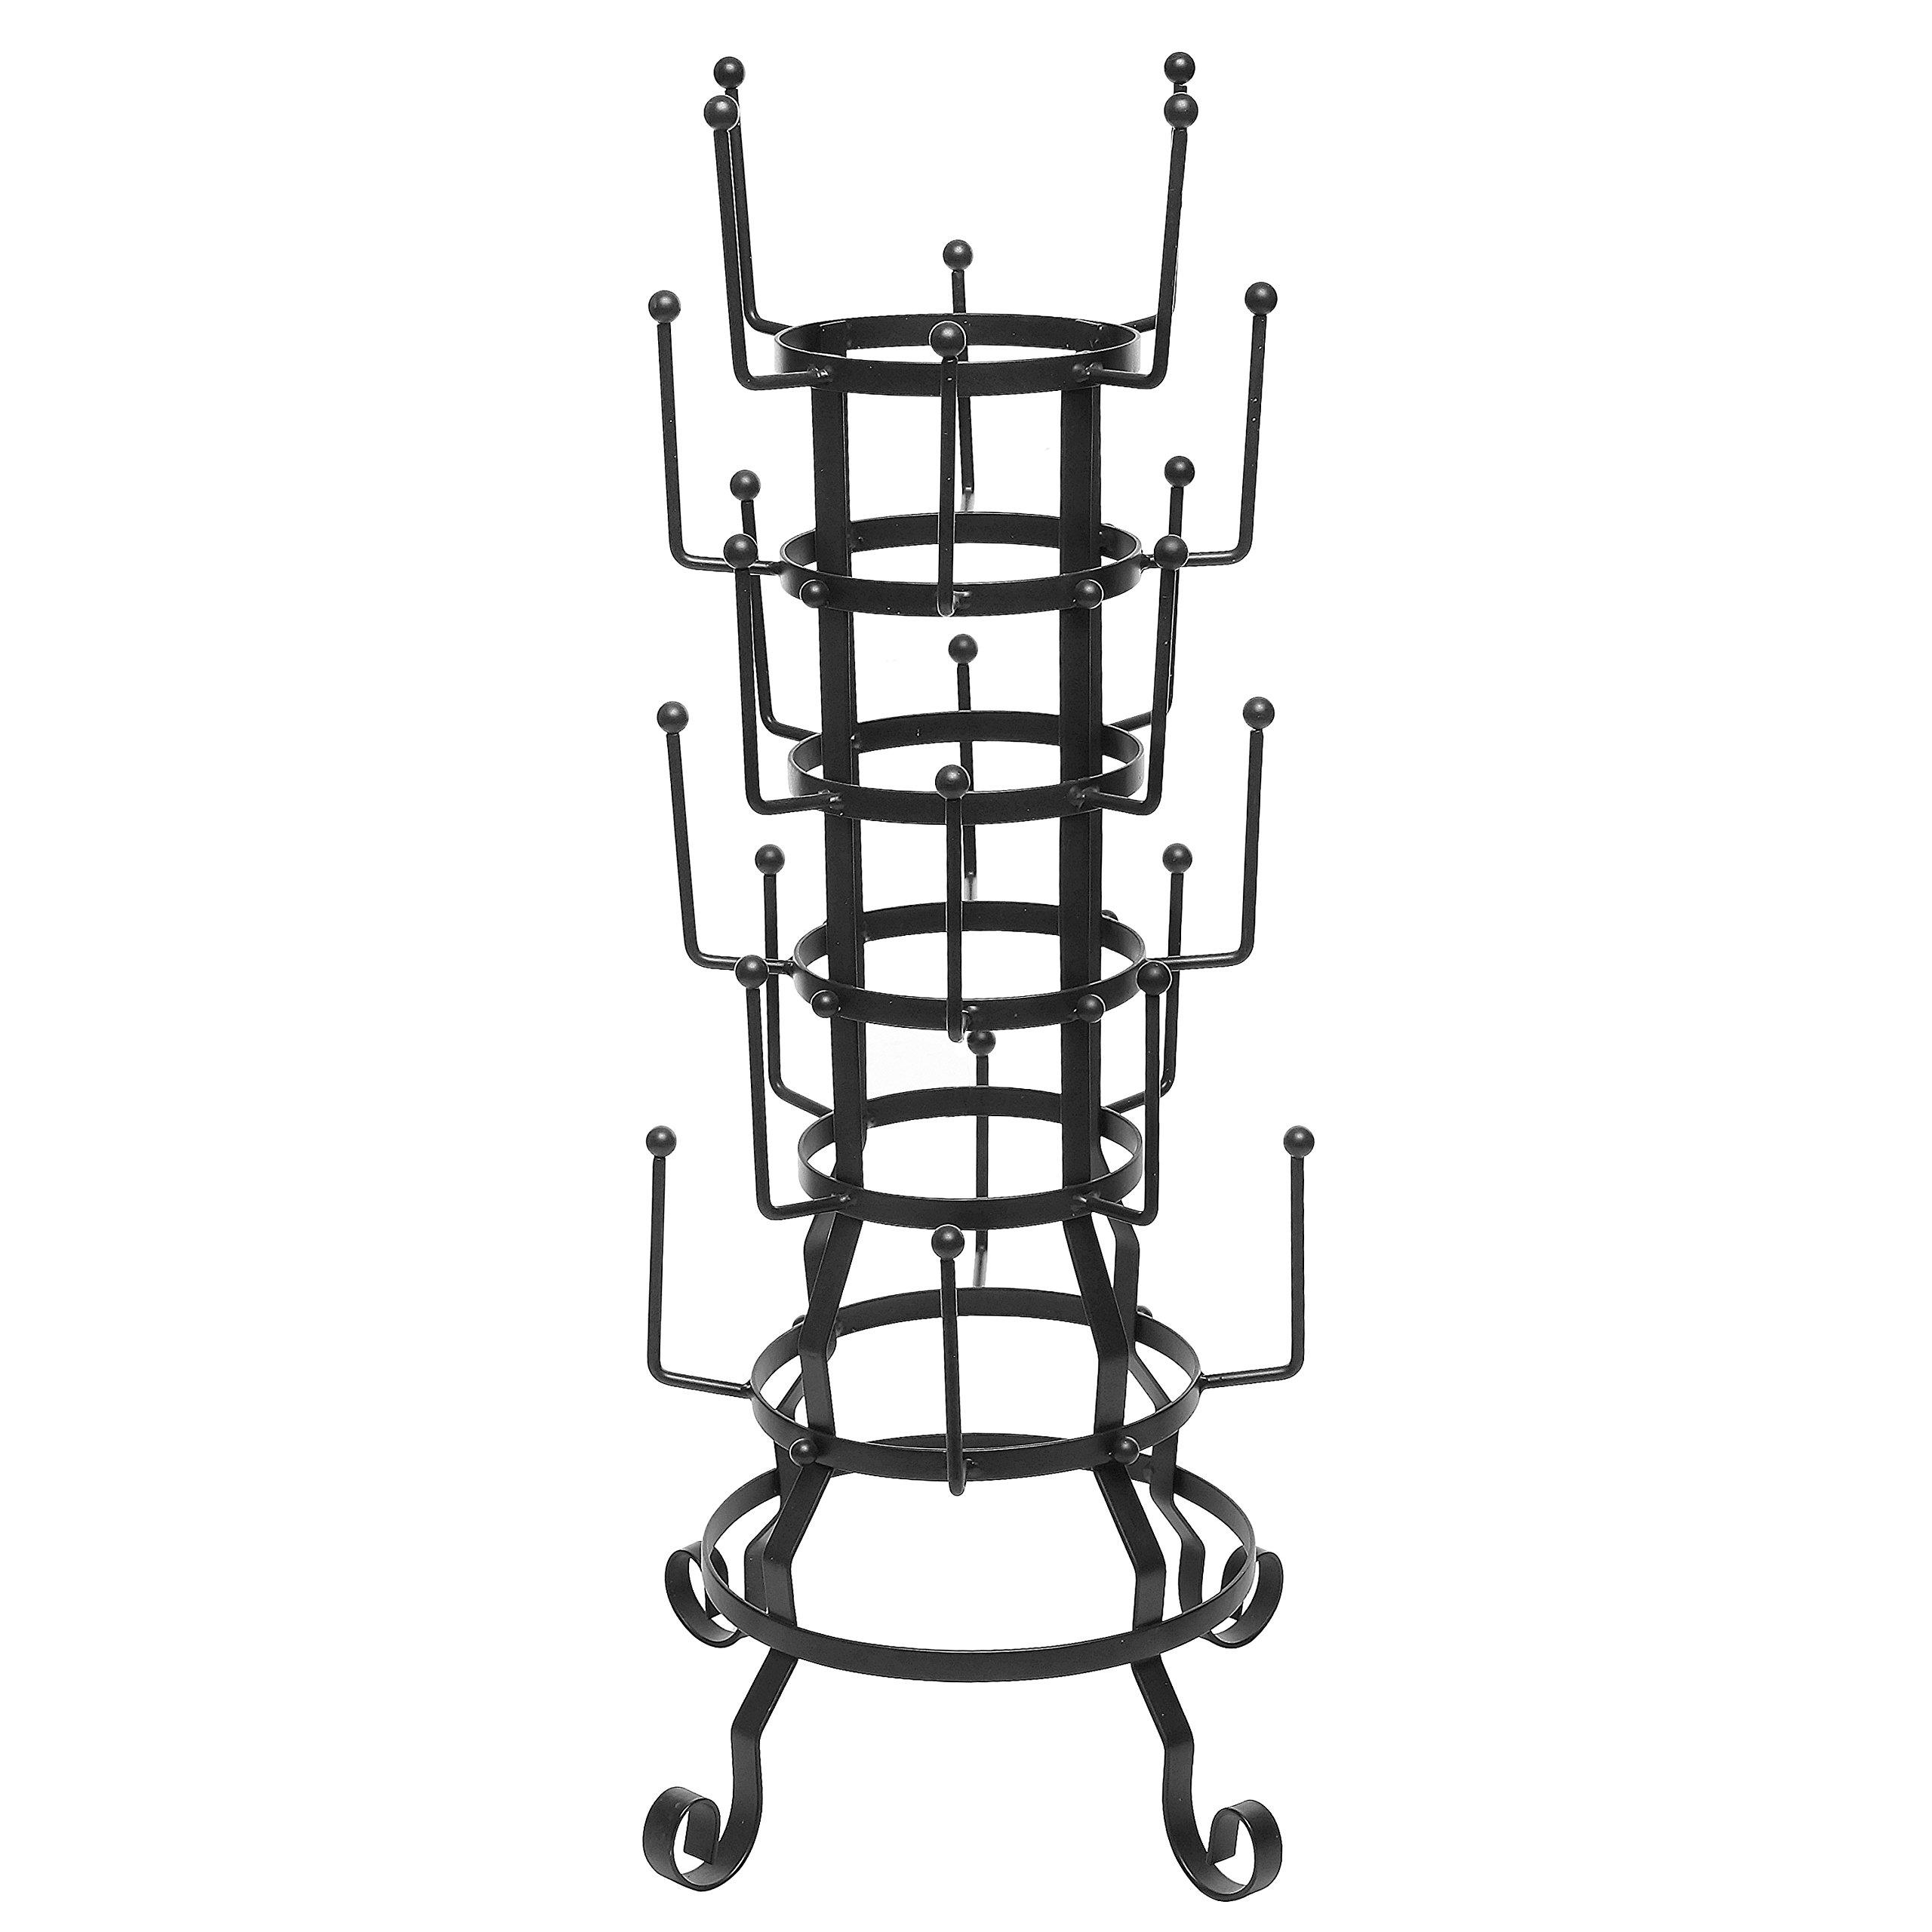 black metal cup hooks Display hooks including scanning hooks, loop hooks, pegboard hooks, plastic hooks, fastback hooks, all-wire display hooks and more.